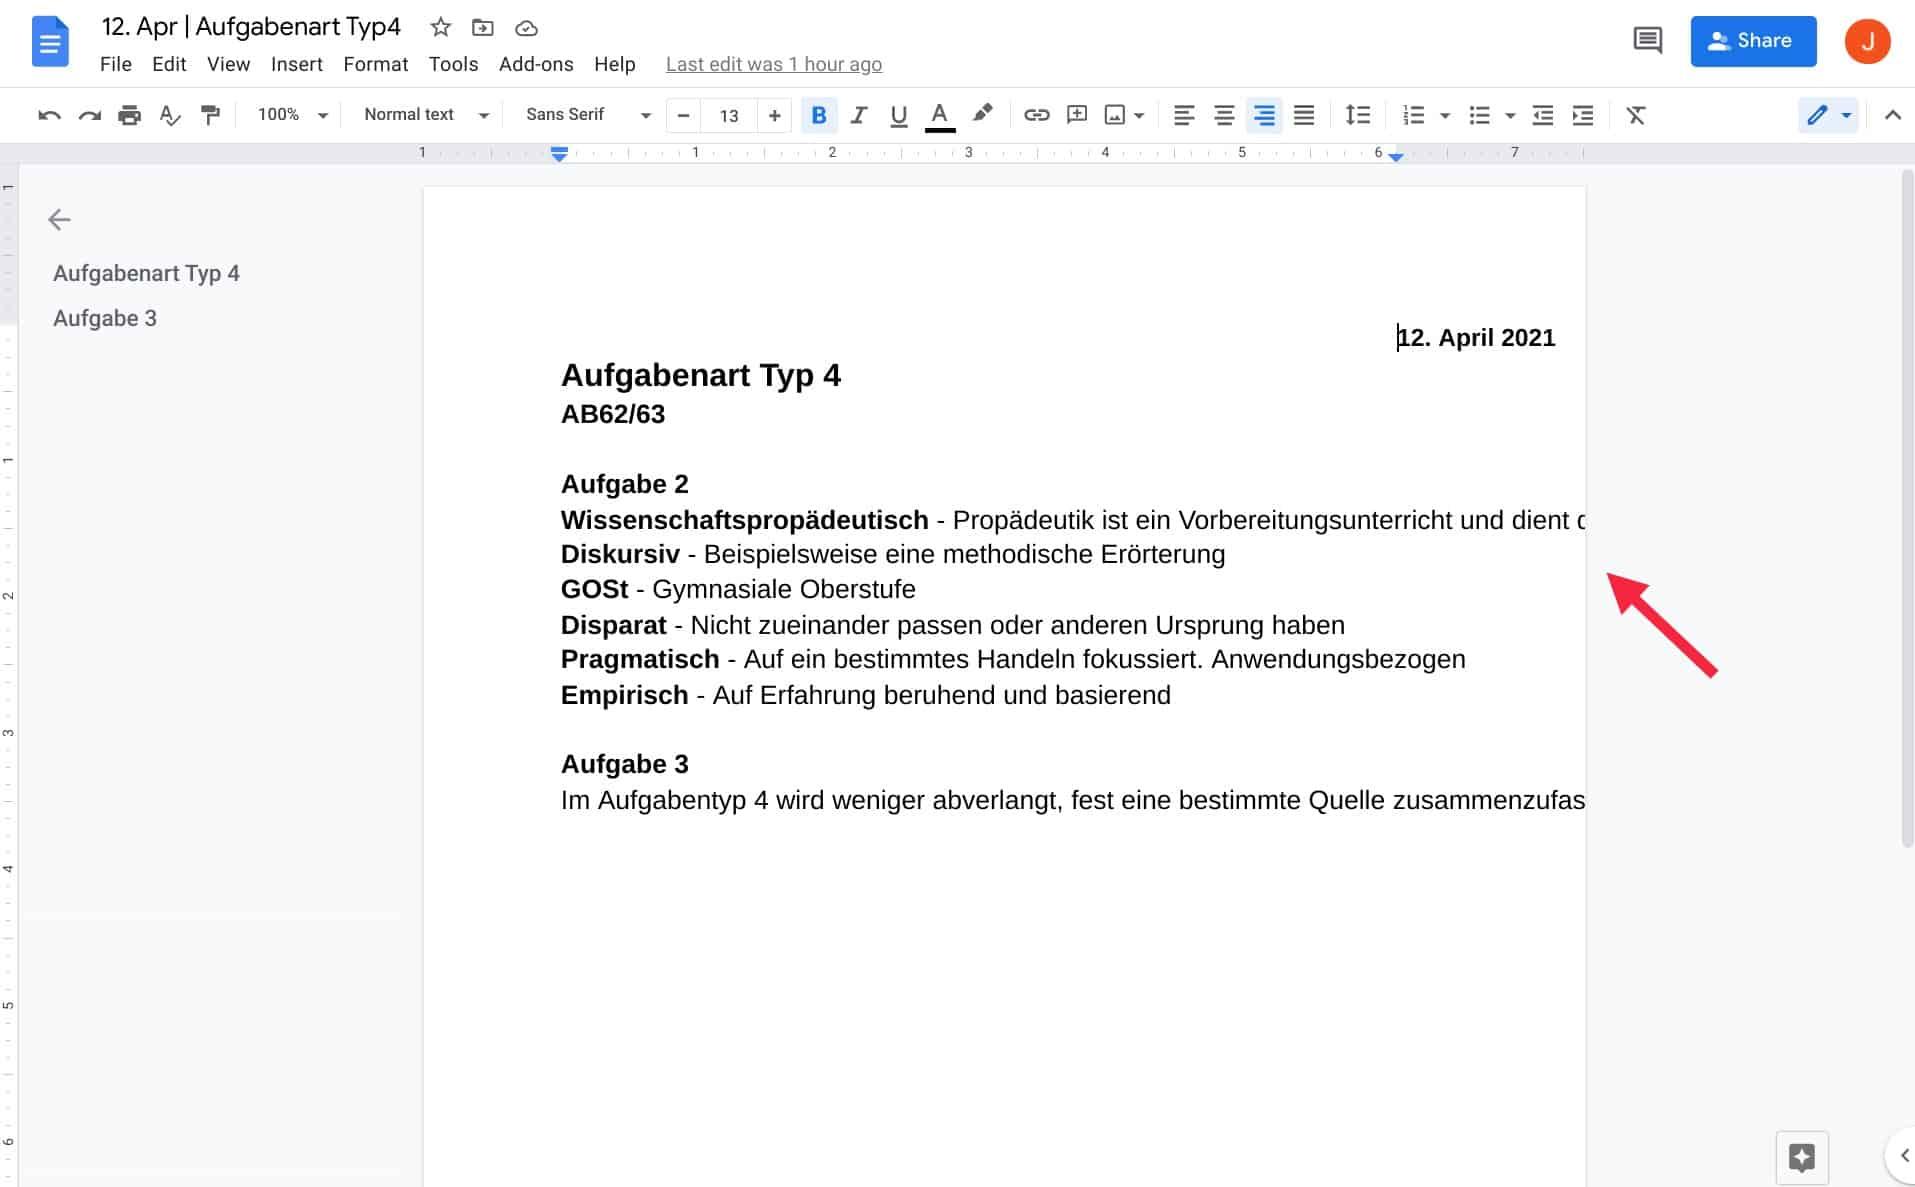 Google Docs Slides Adbocker issue 1